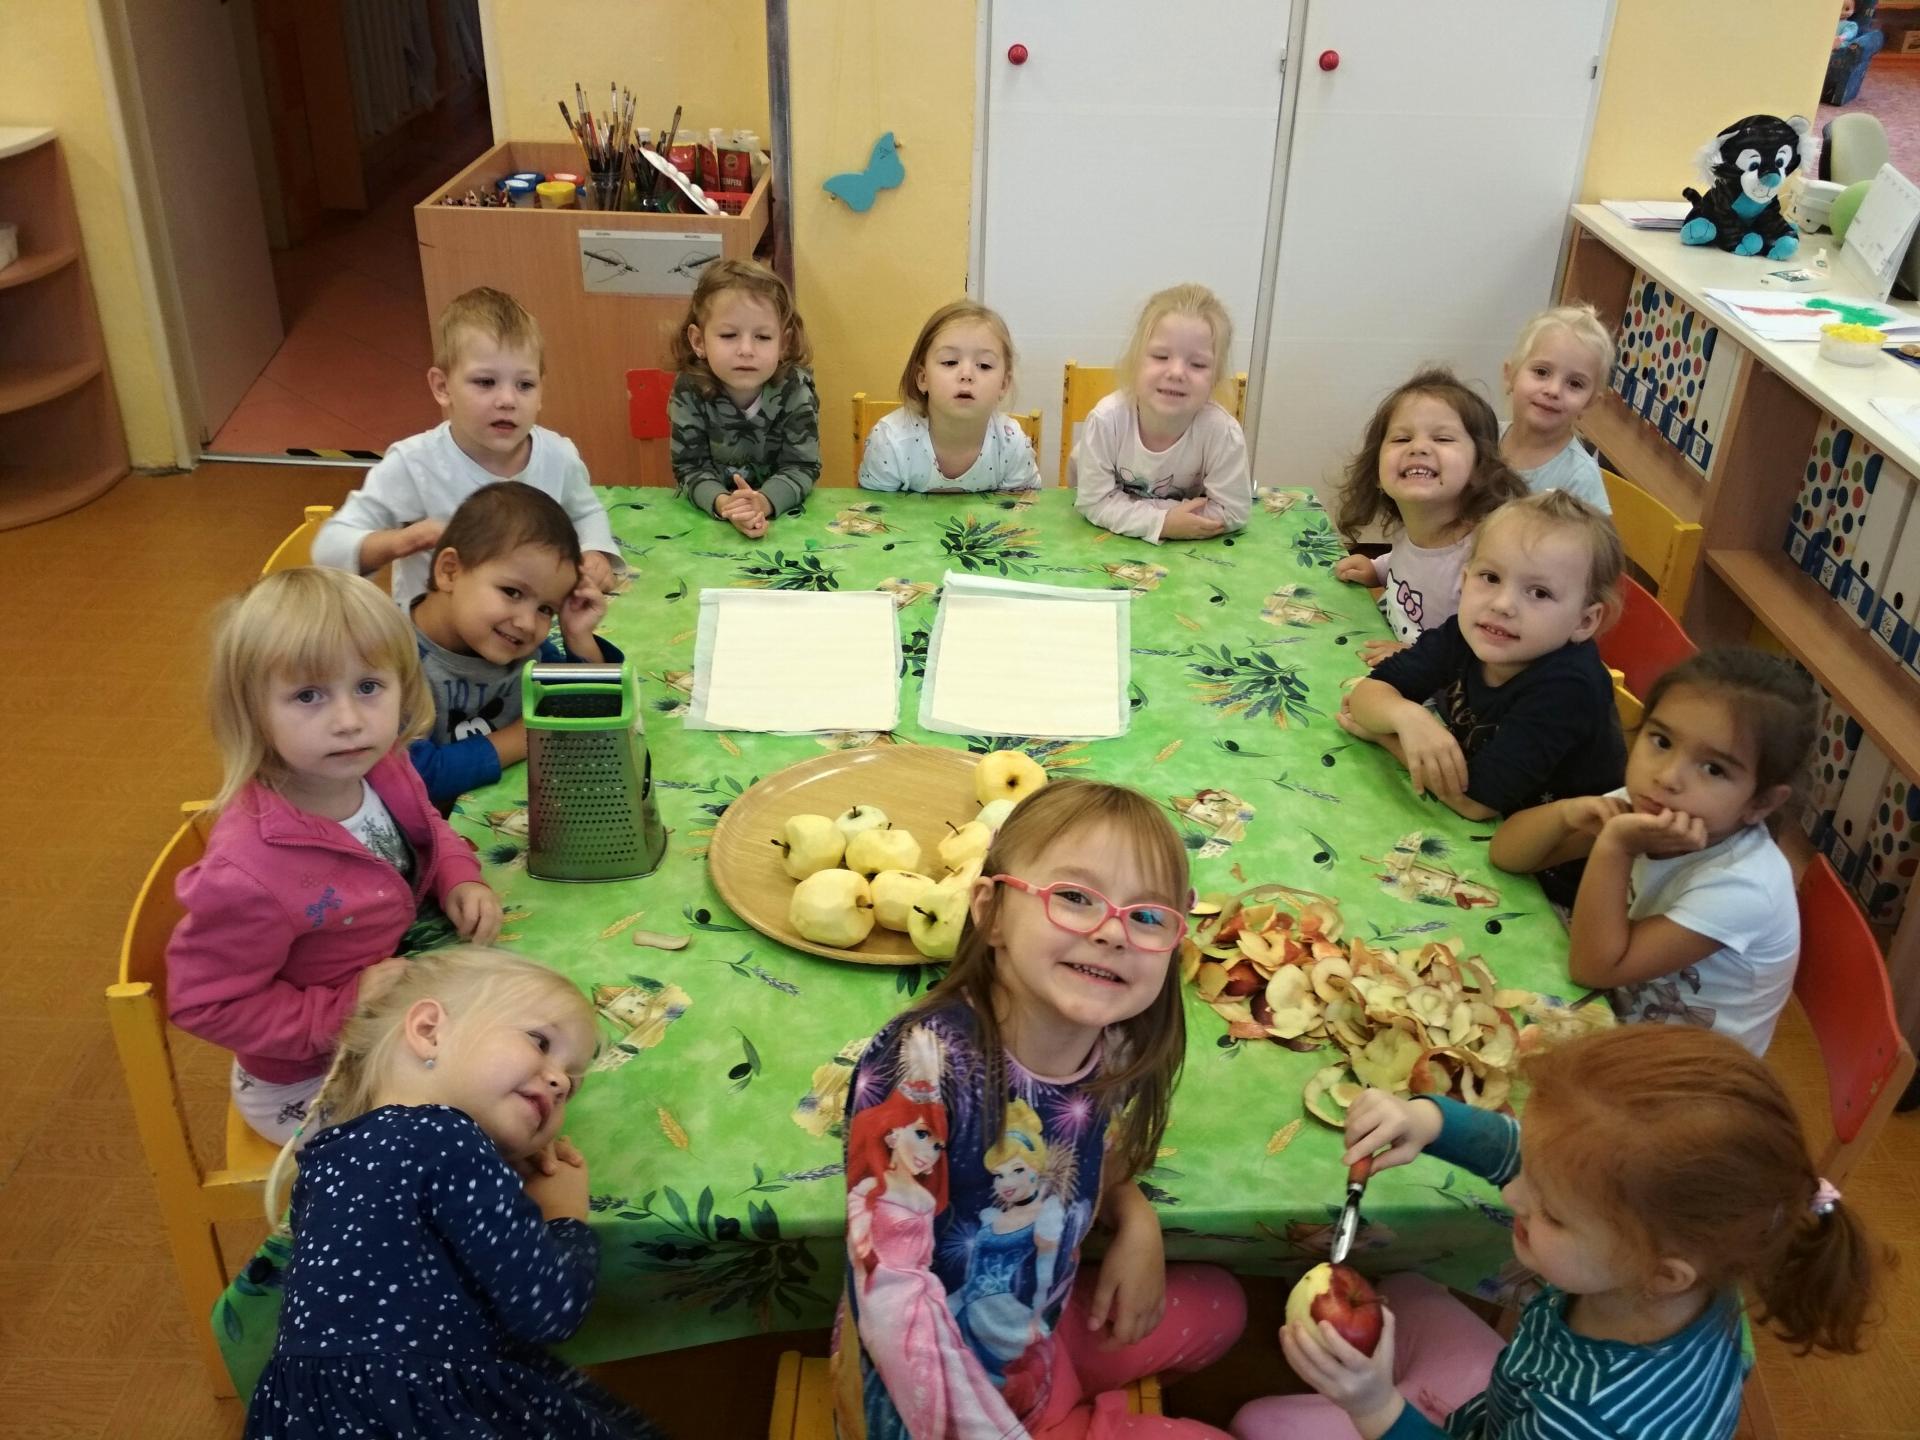 Děti sledují balení závinu.